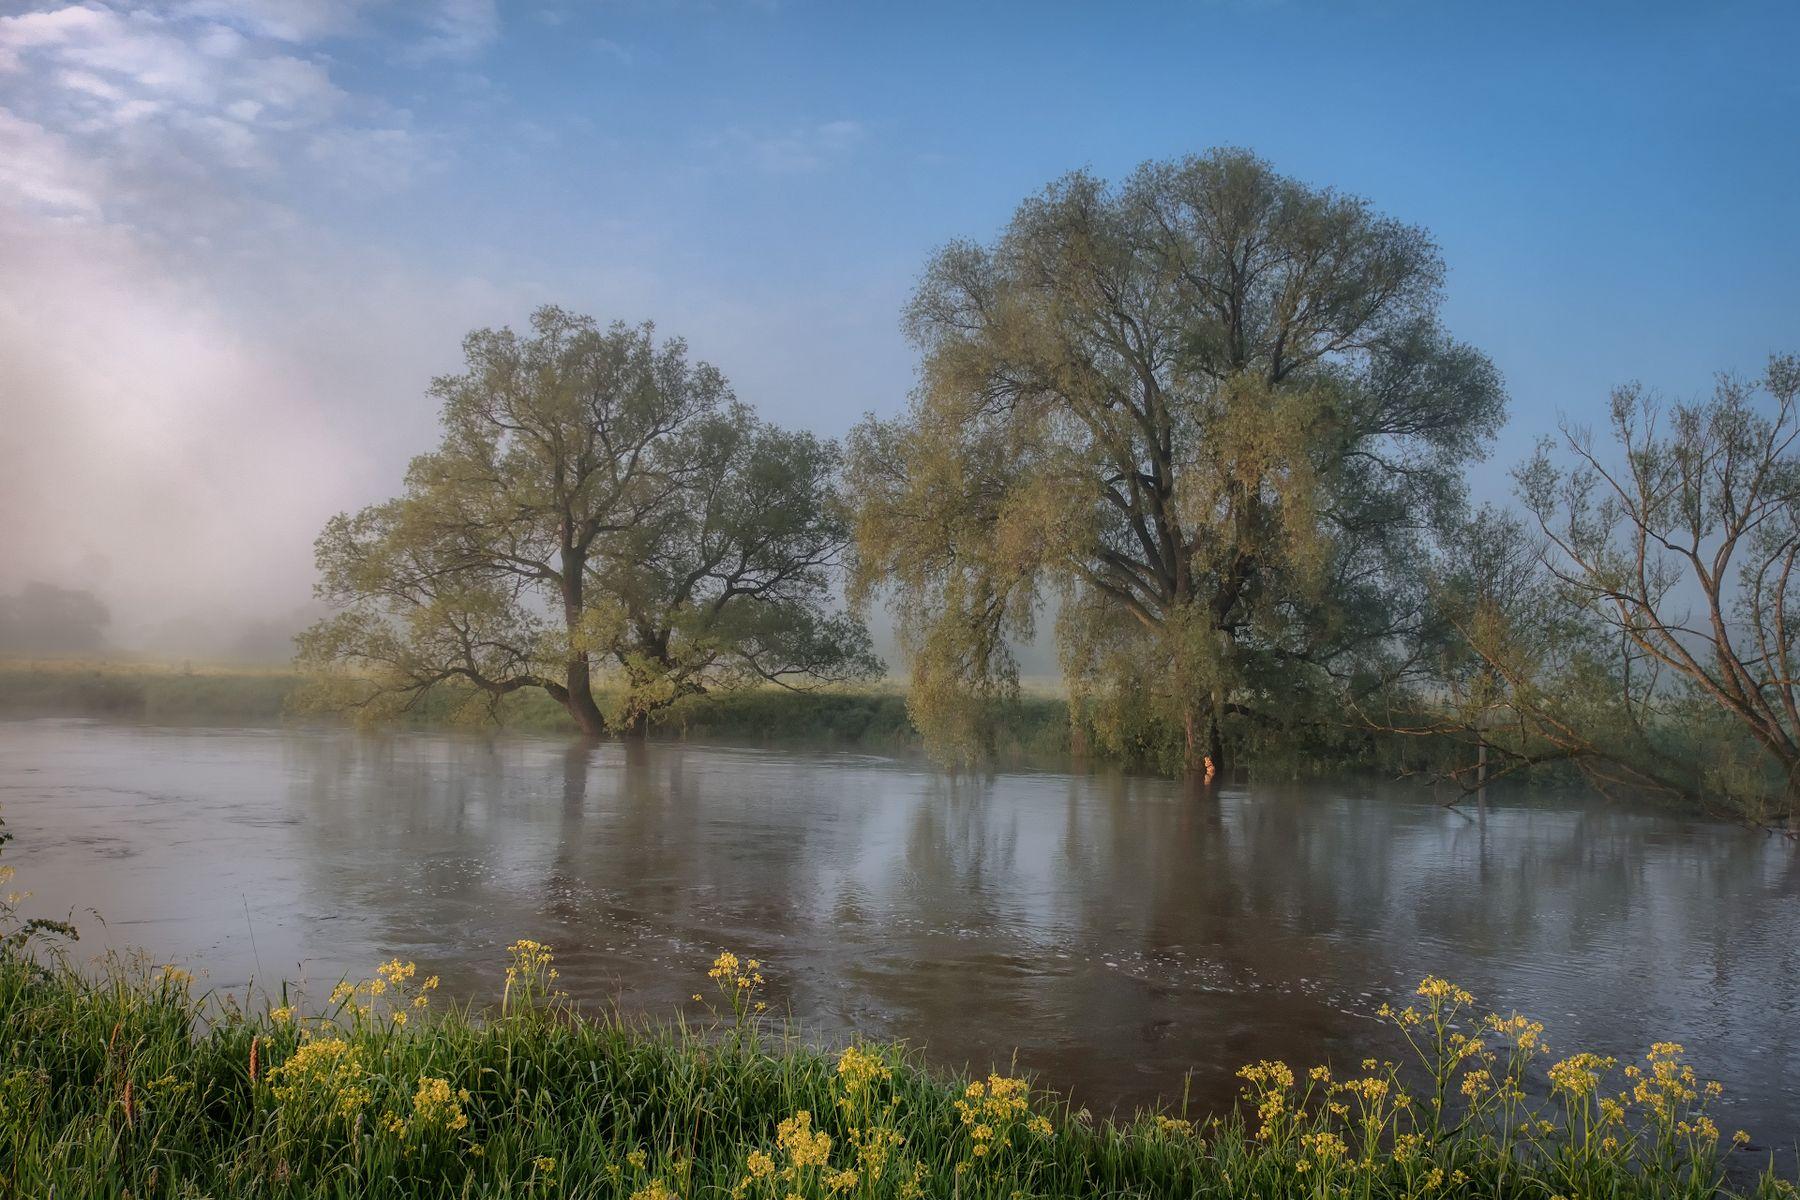 В потоке протва река наводнение утро рассвет туман деревья поток